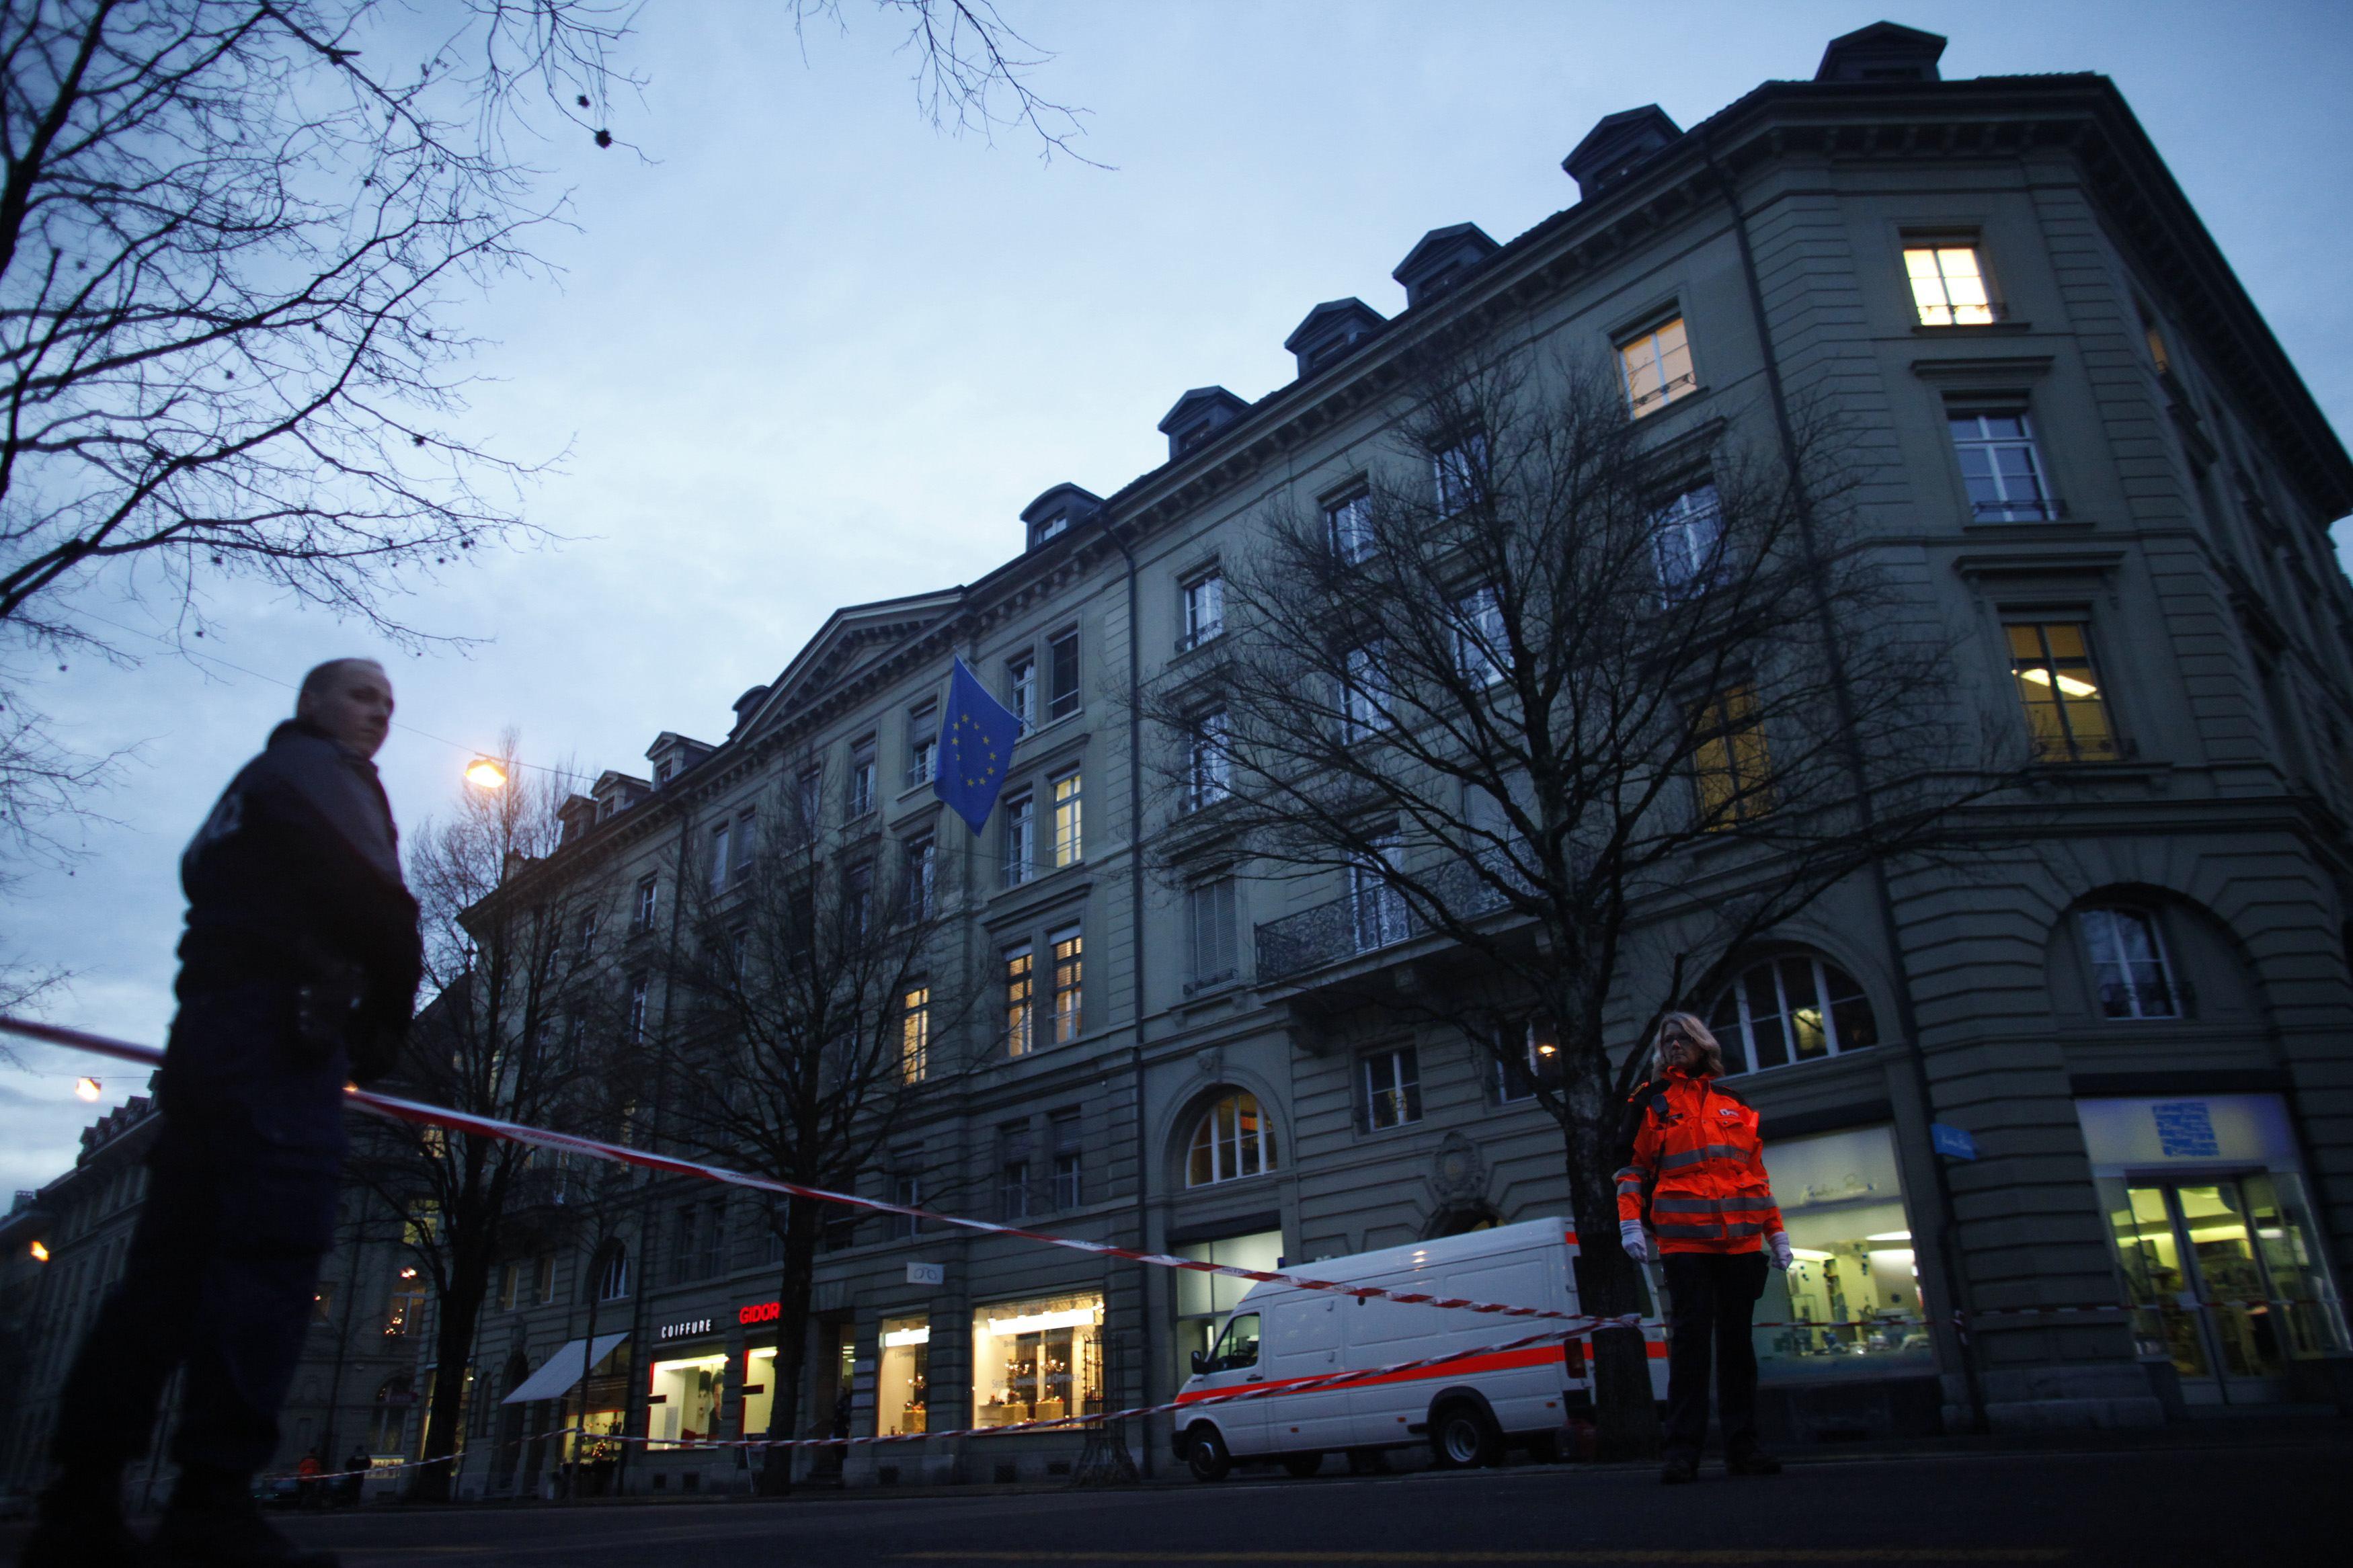 Αποκλείστηκε ο χώρος γύρω από την πρεσβεία της ΕΕ στην Ελβετία - ΦΩΤΟ REUTERS